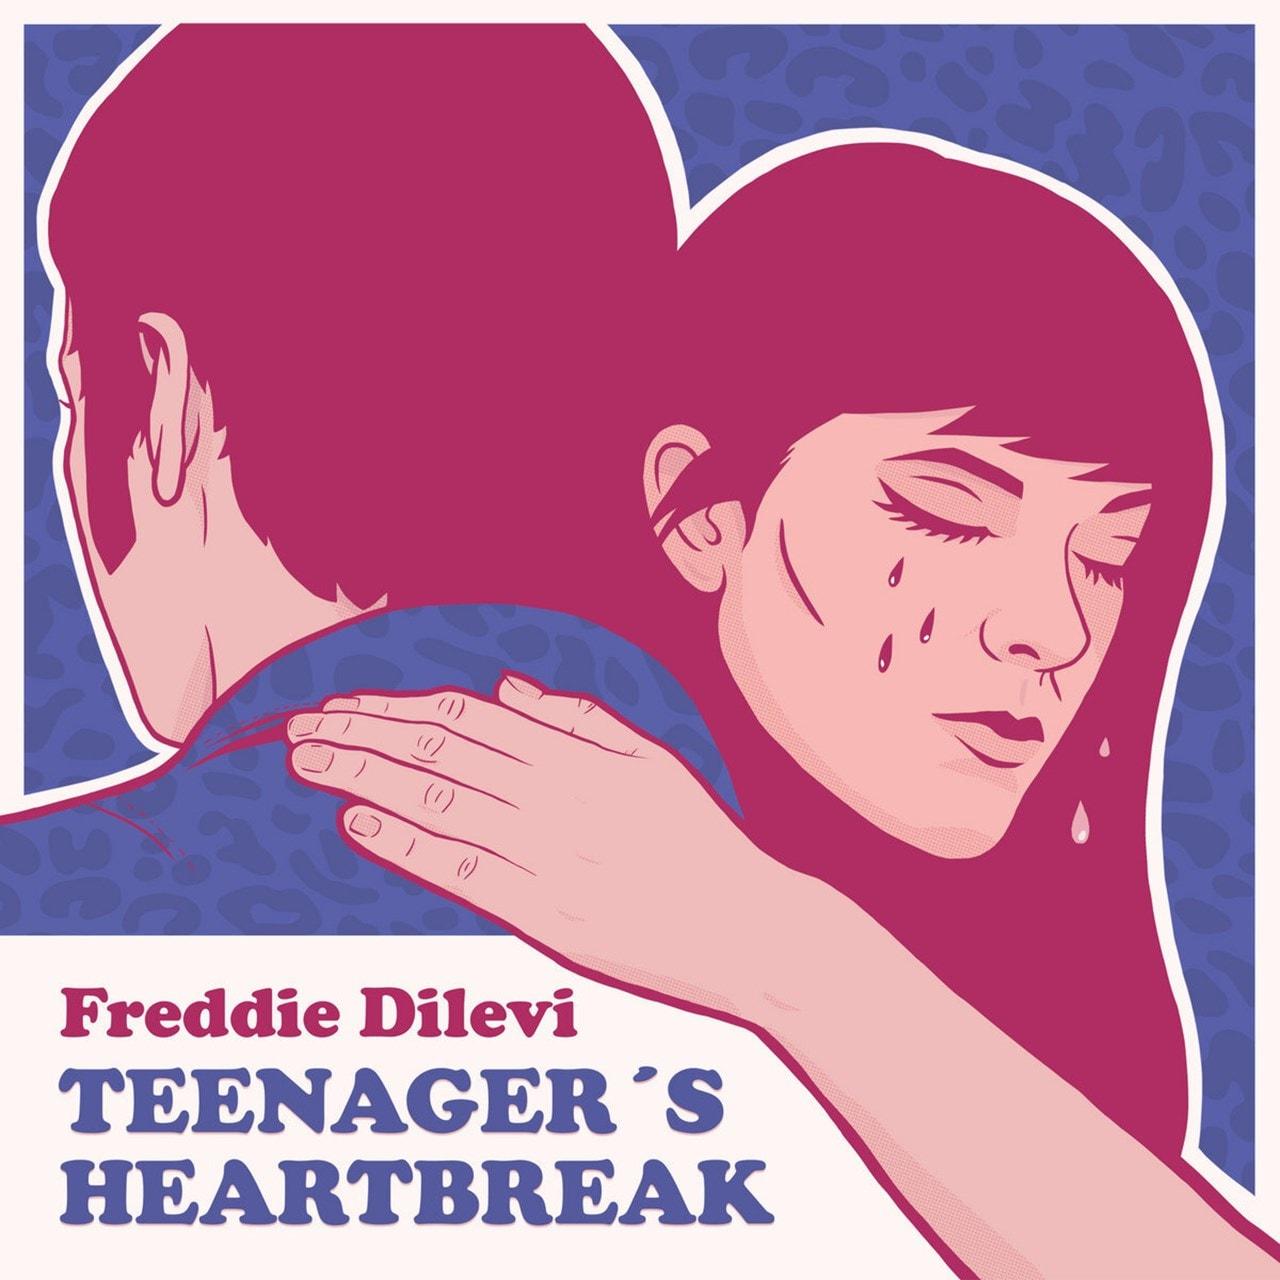 Teenager's Heartbreak - 1